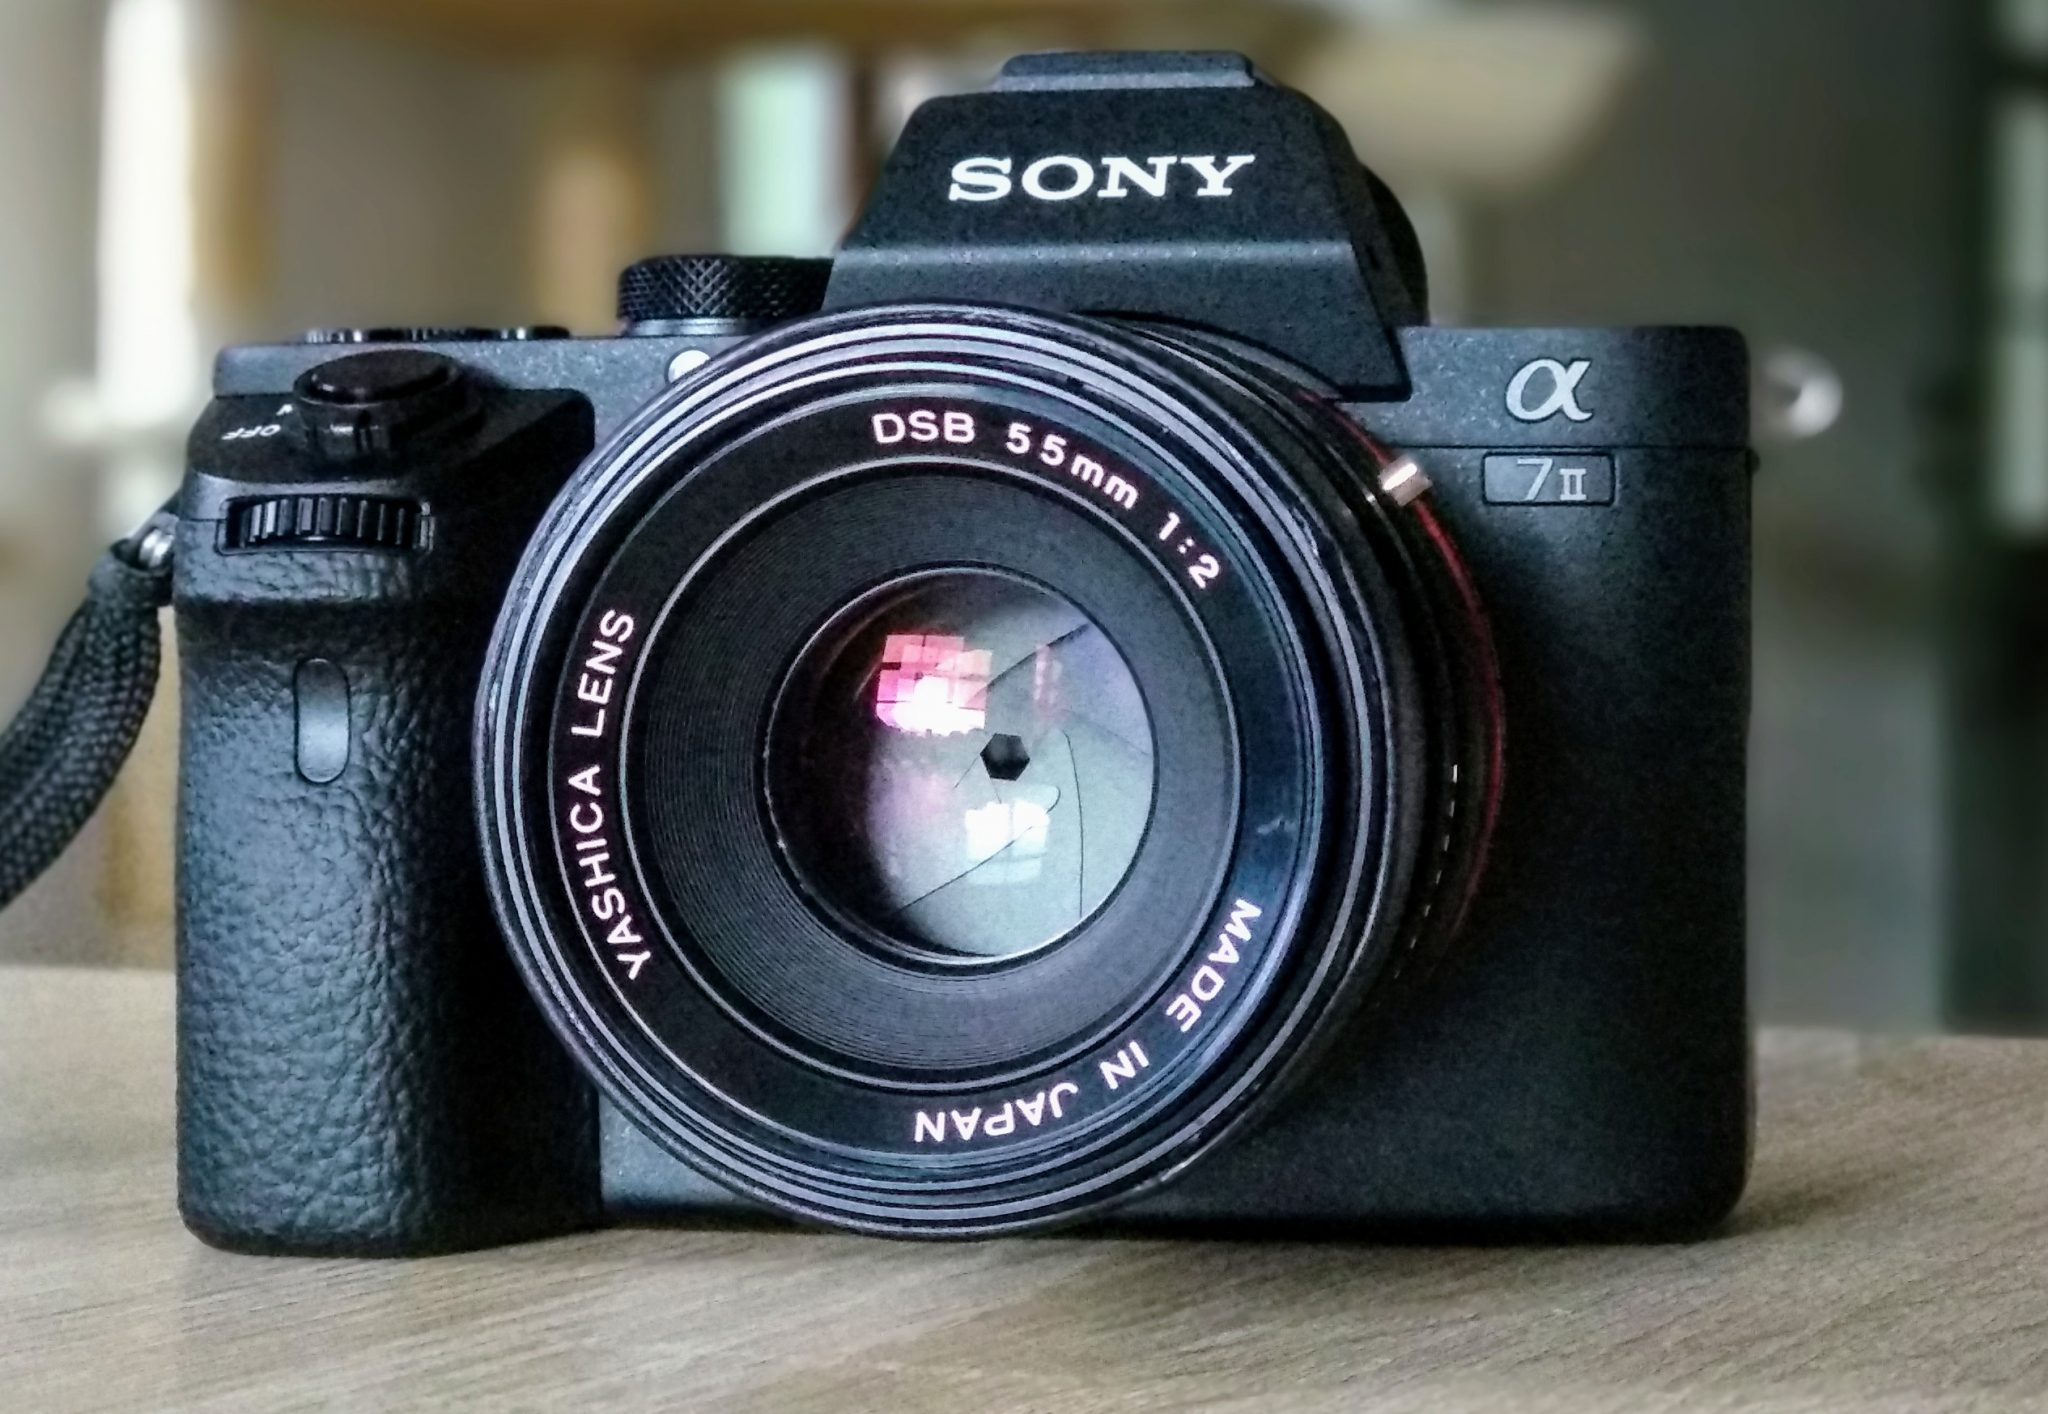 Objektivtest: Yashica DSB 55mm 2.0 (C/Y) an Sony A7II